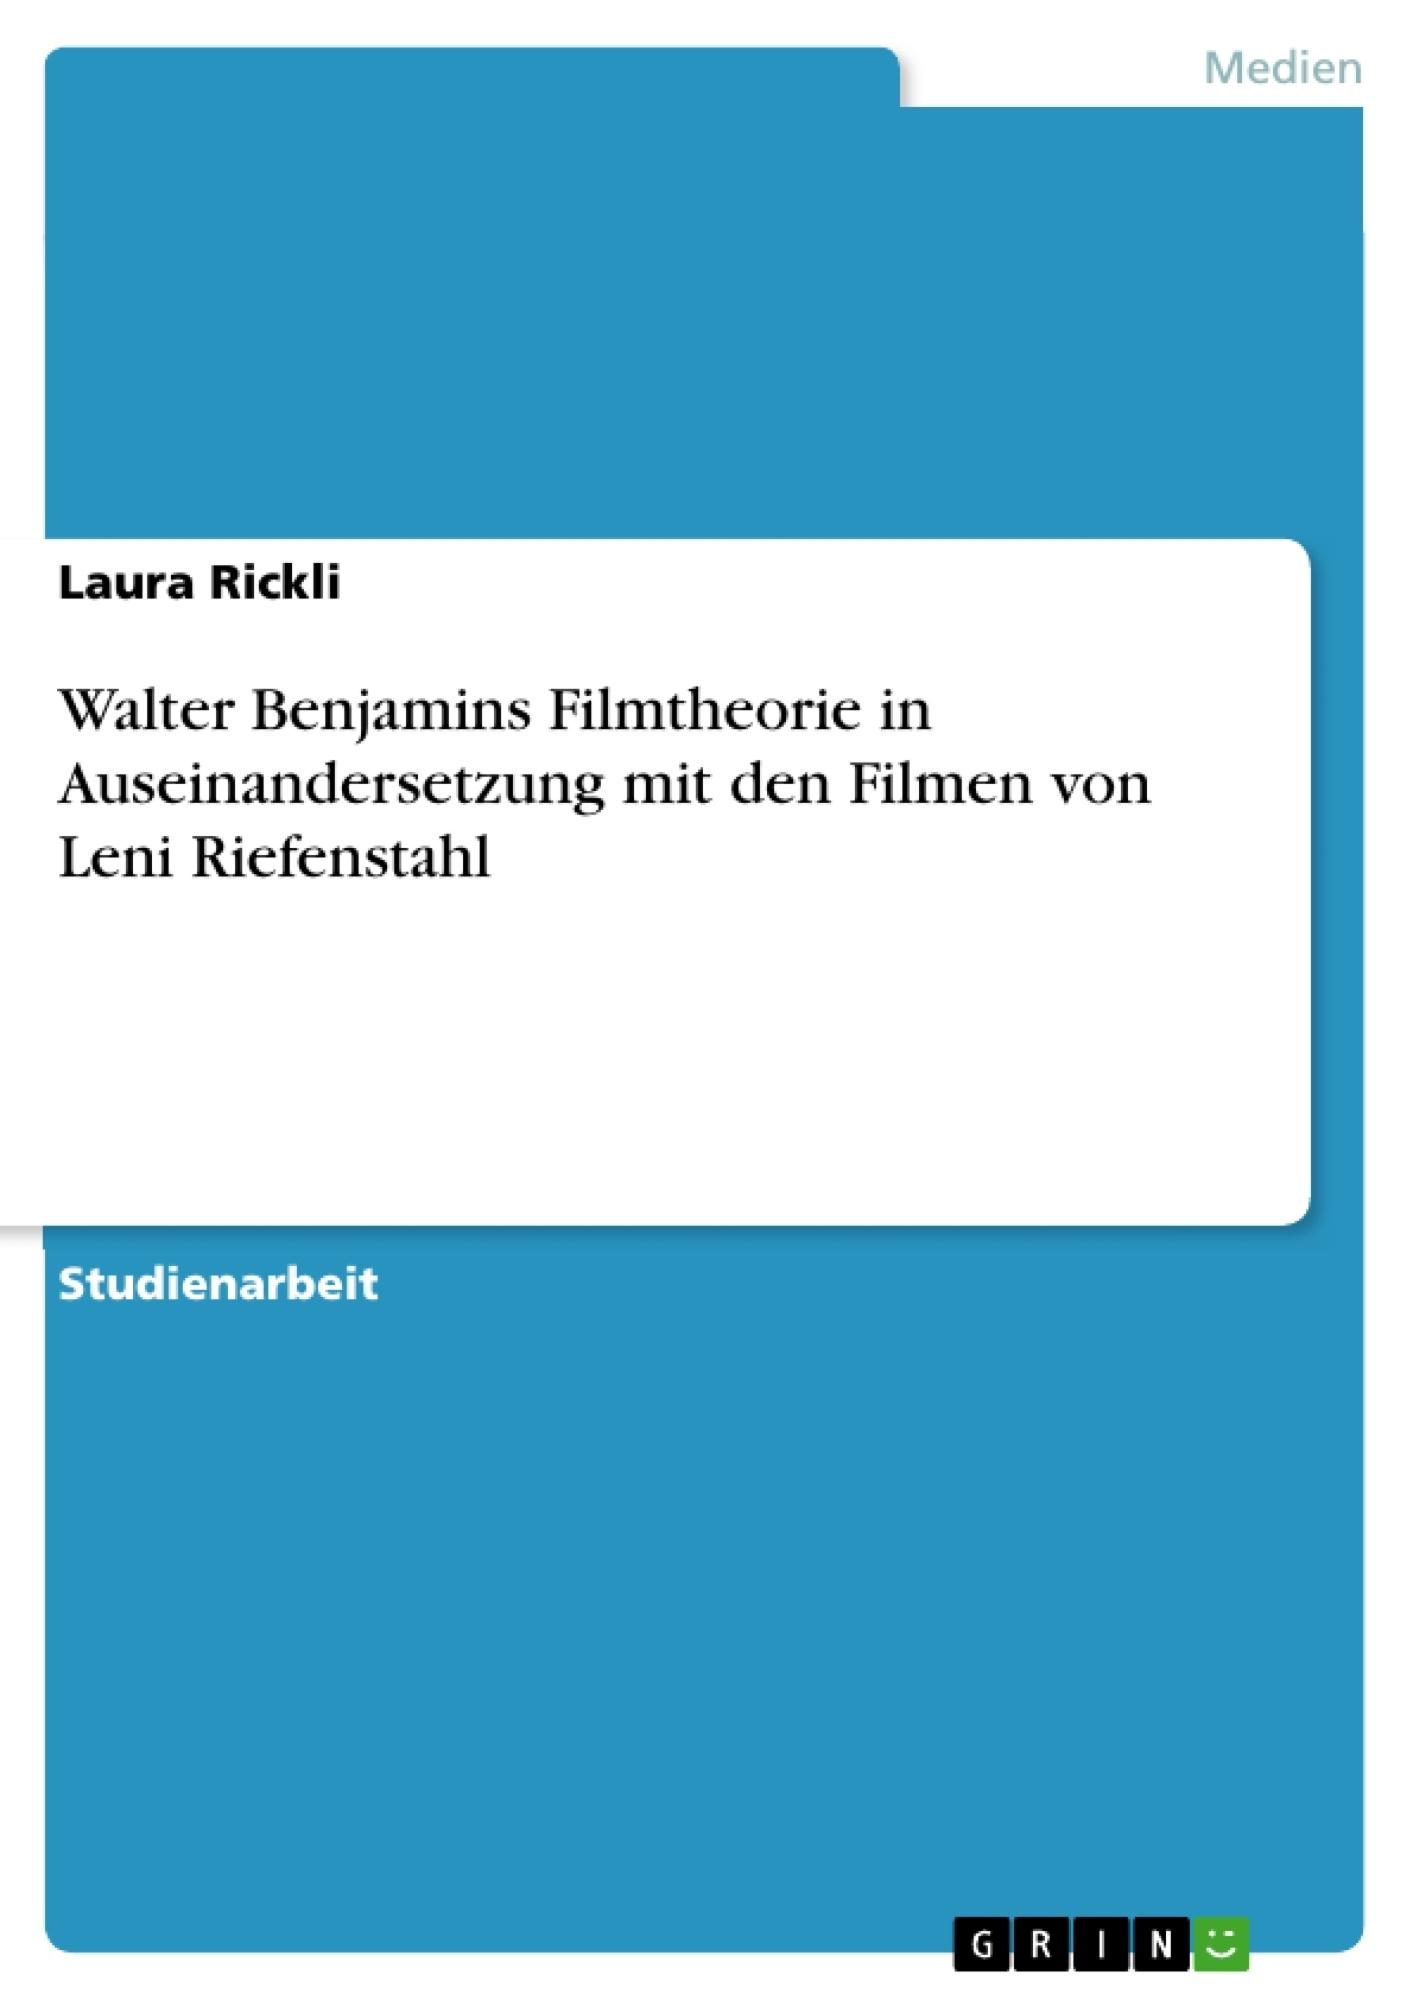 Titel: Walter Benjamins Filmtheorie in Auseinandersetzung mit den Filmen von Leni Riefenstahl